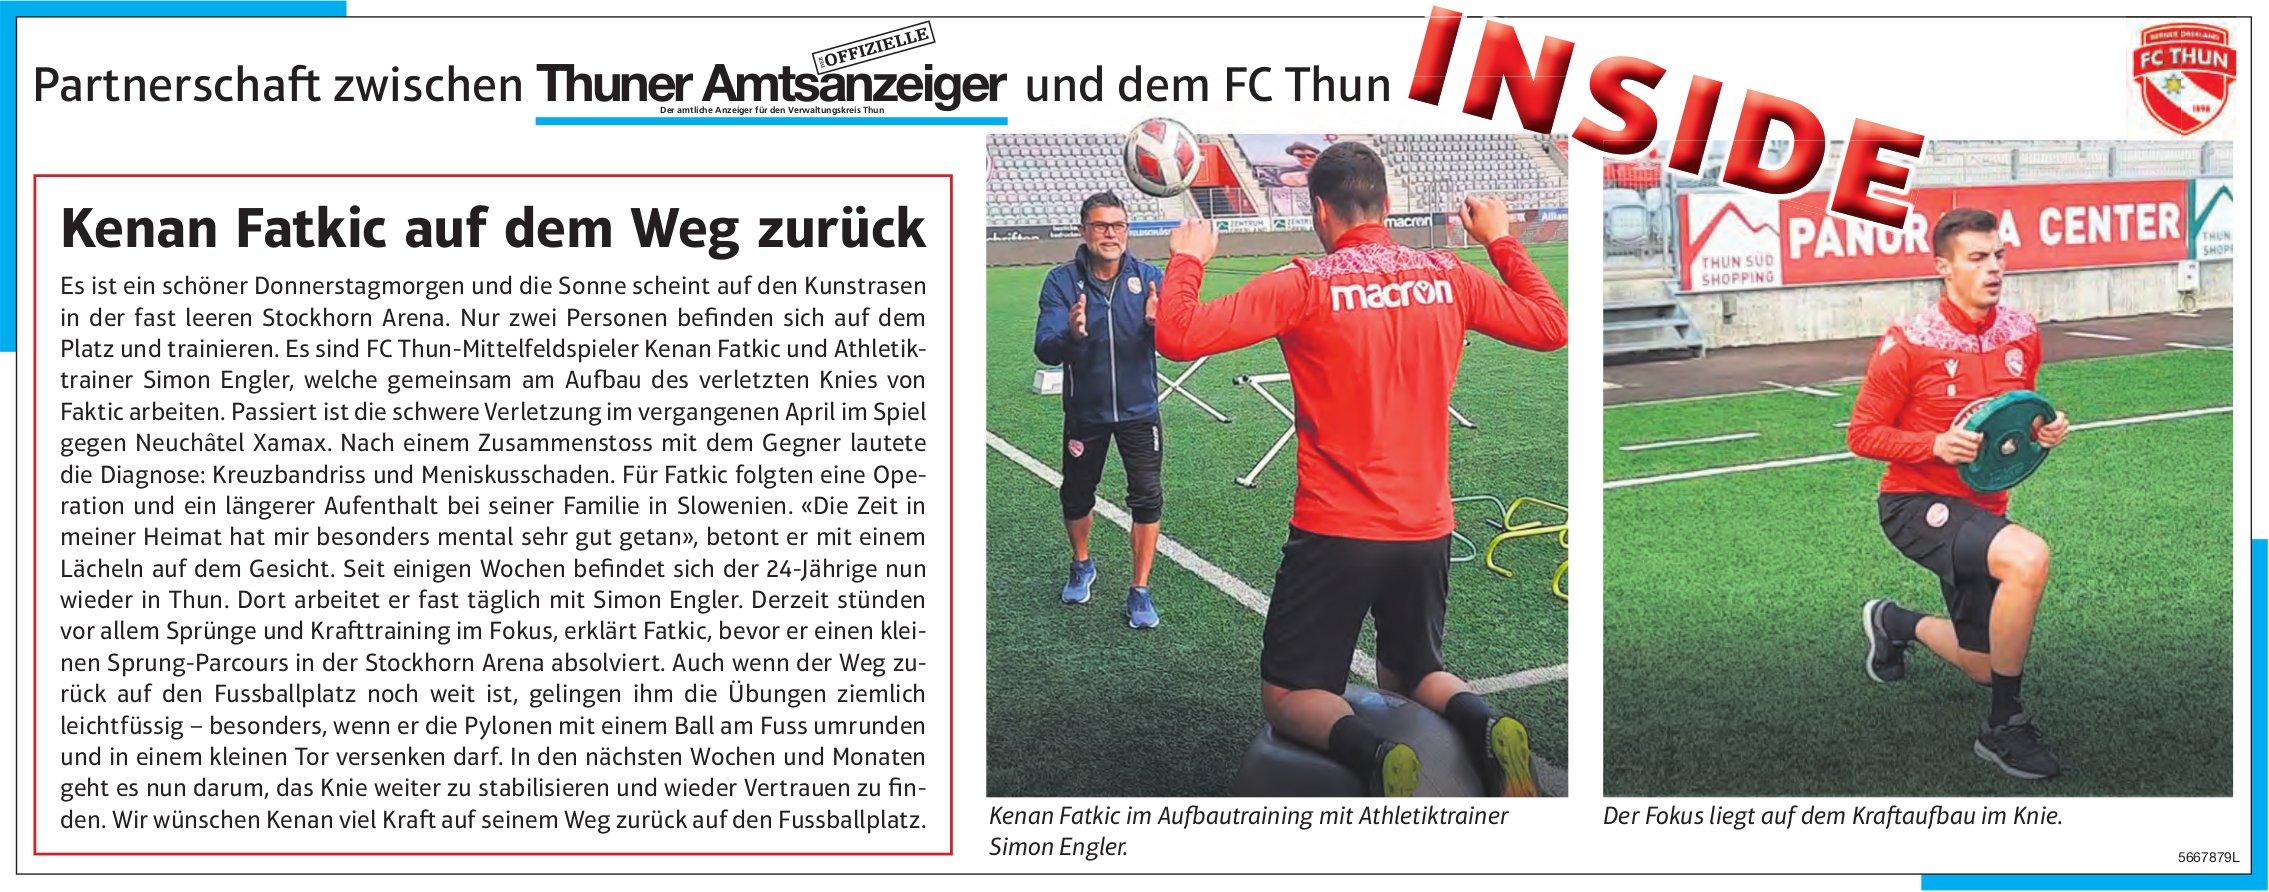 Thuner Amtsanzeiger / FC Thun, Inside: Kenan Fatkic auf dem Weg zurück